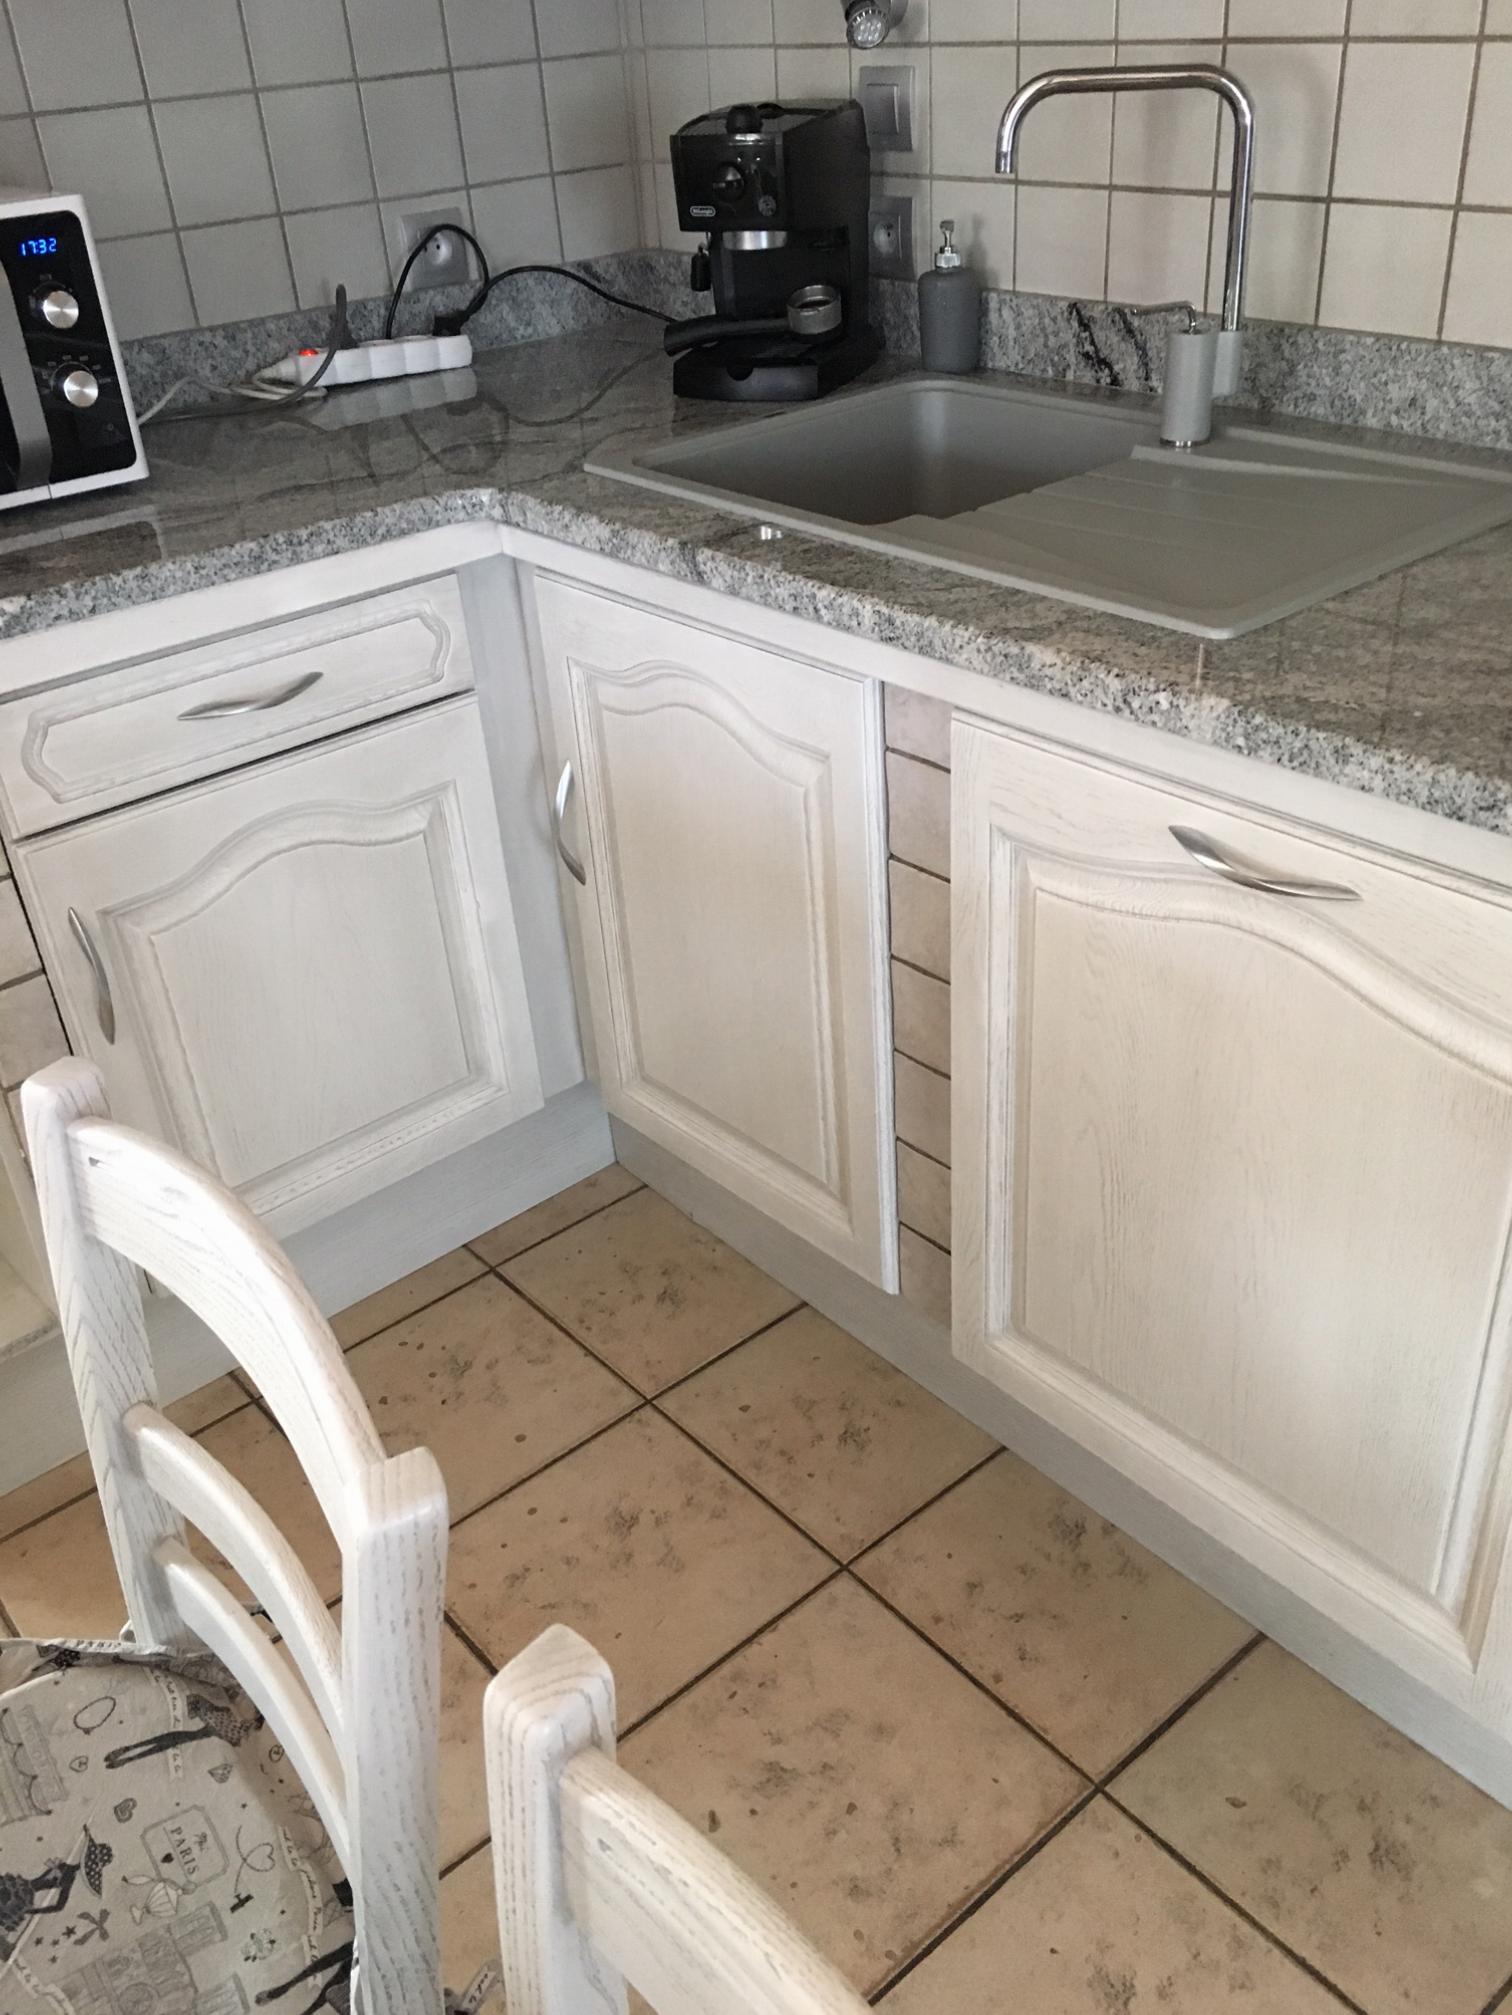 R alisations portes de cuisine relook es en blanc et Renovation cuisine plan de travail